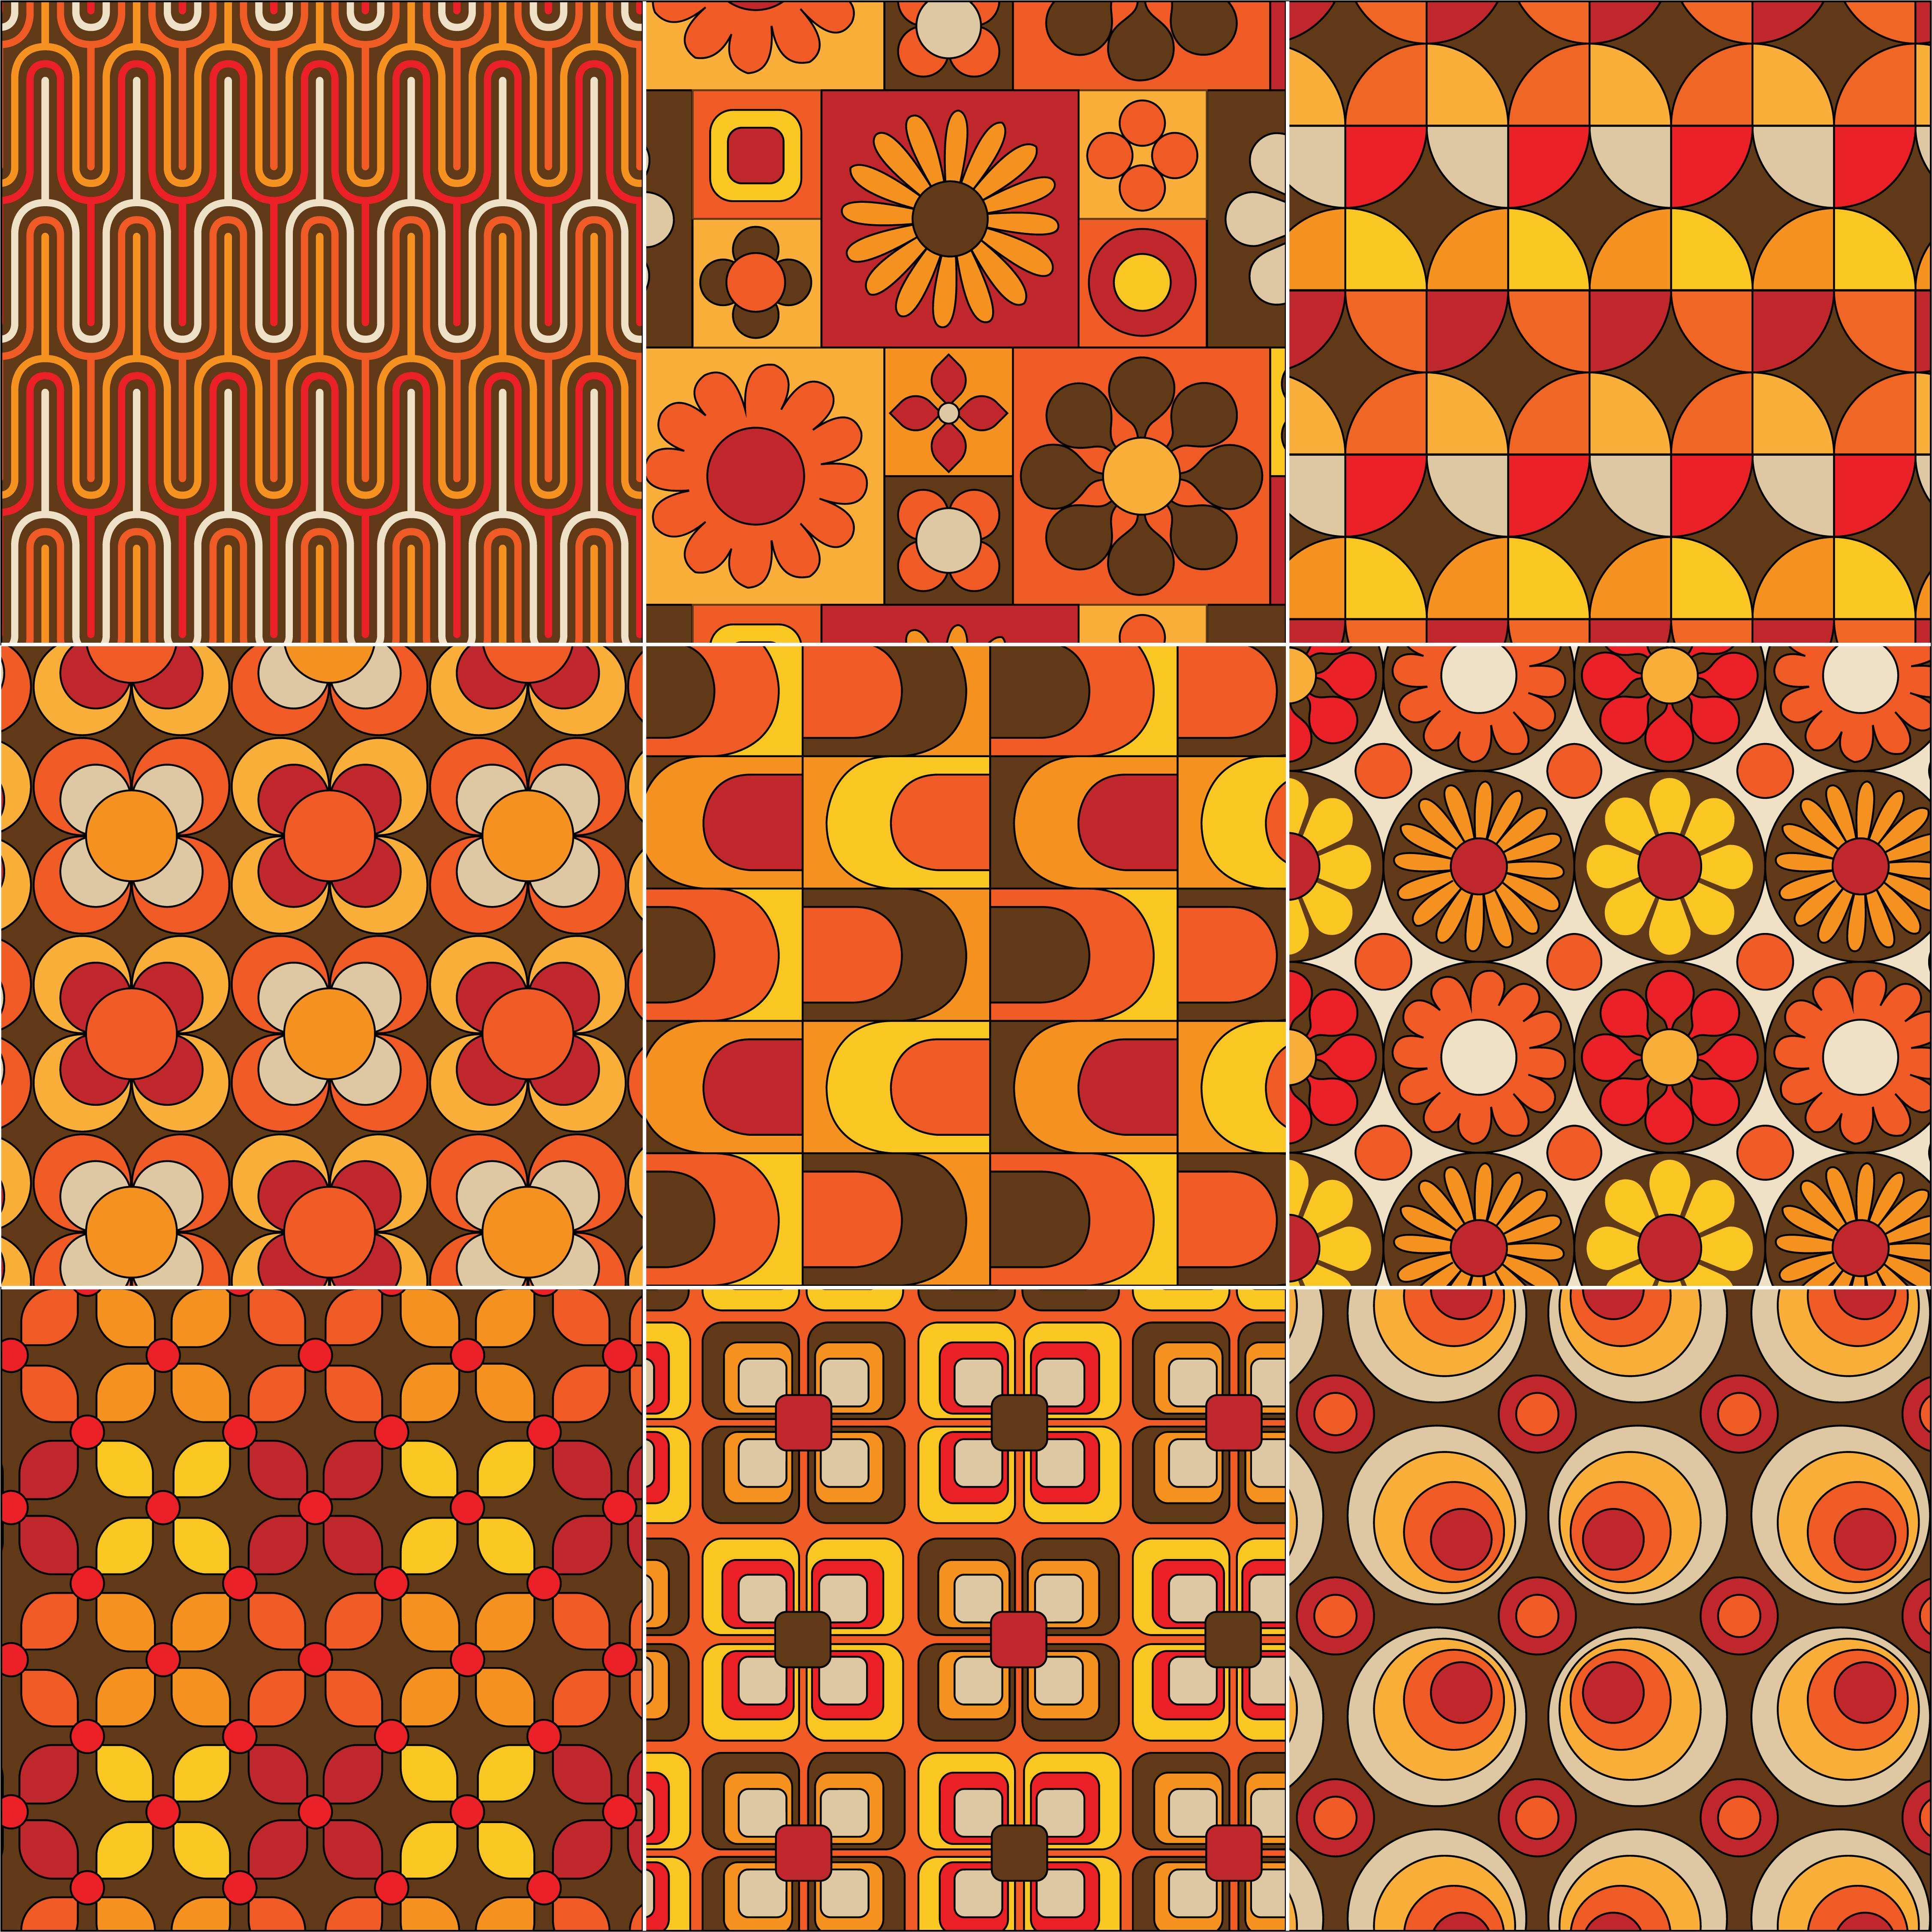 Mod Seamless Yellow Orange Brown Patterns Download Free